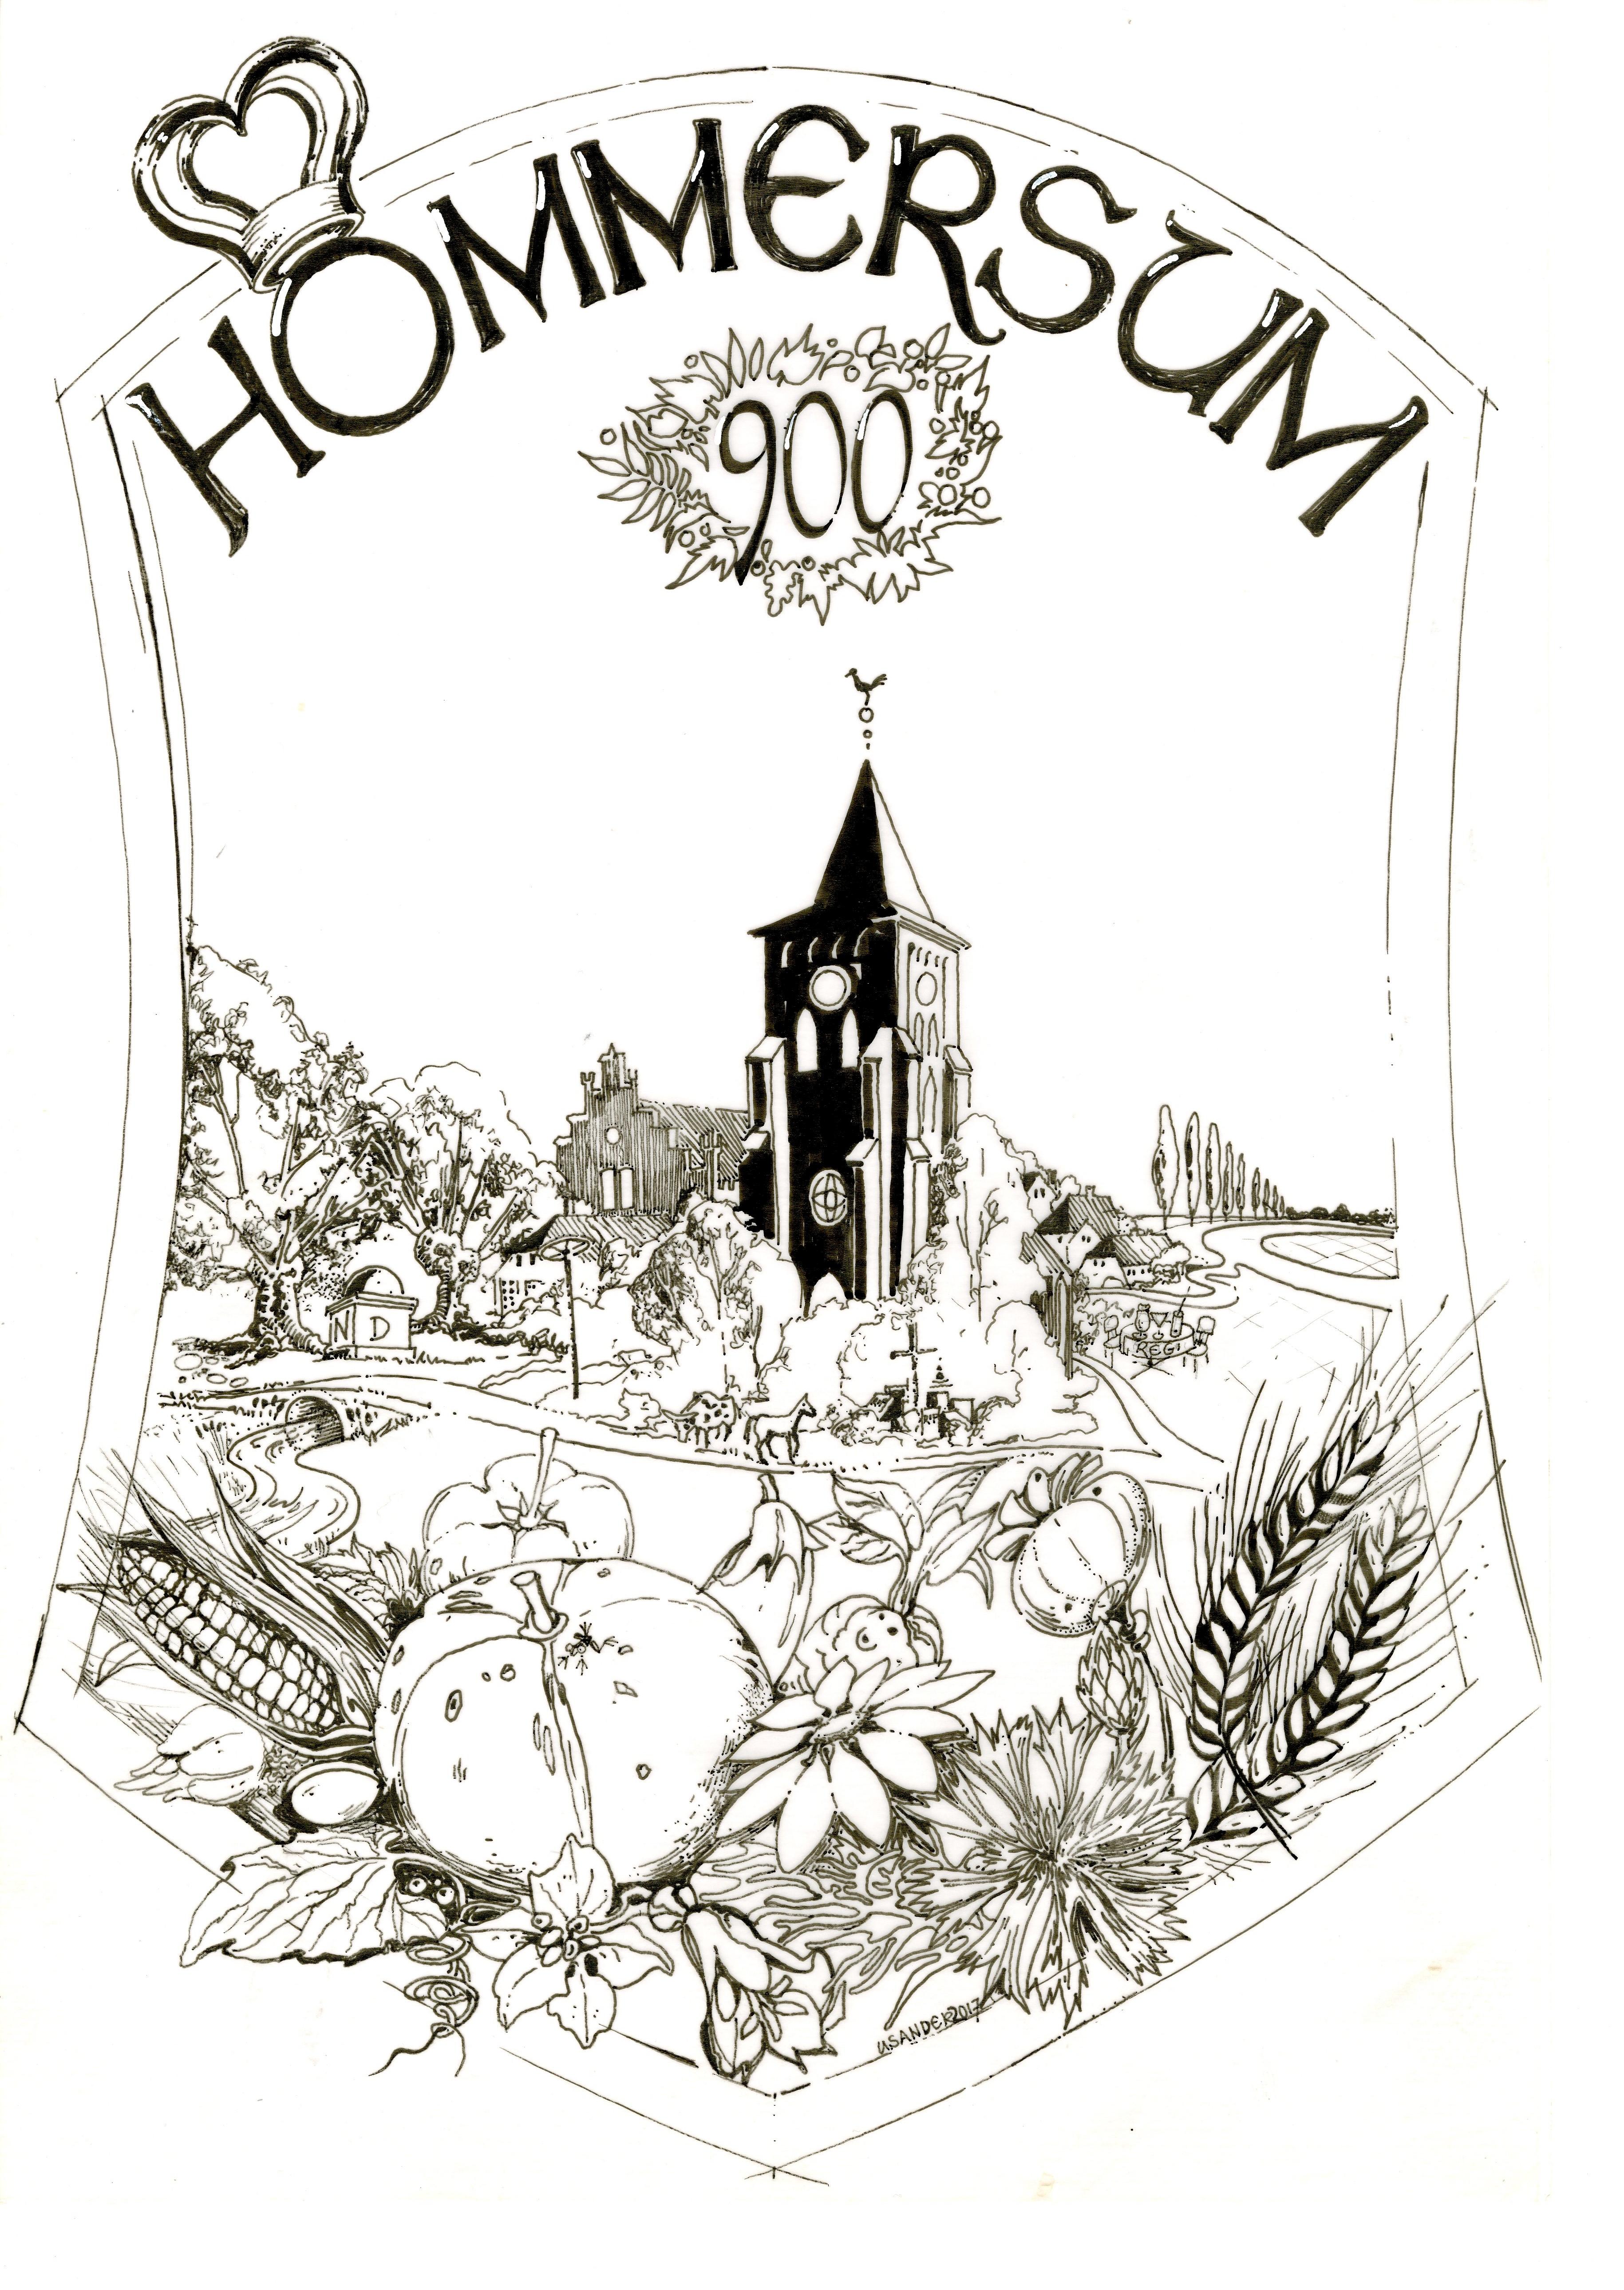 900 Jahr Hommersum Logo